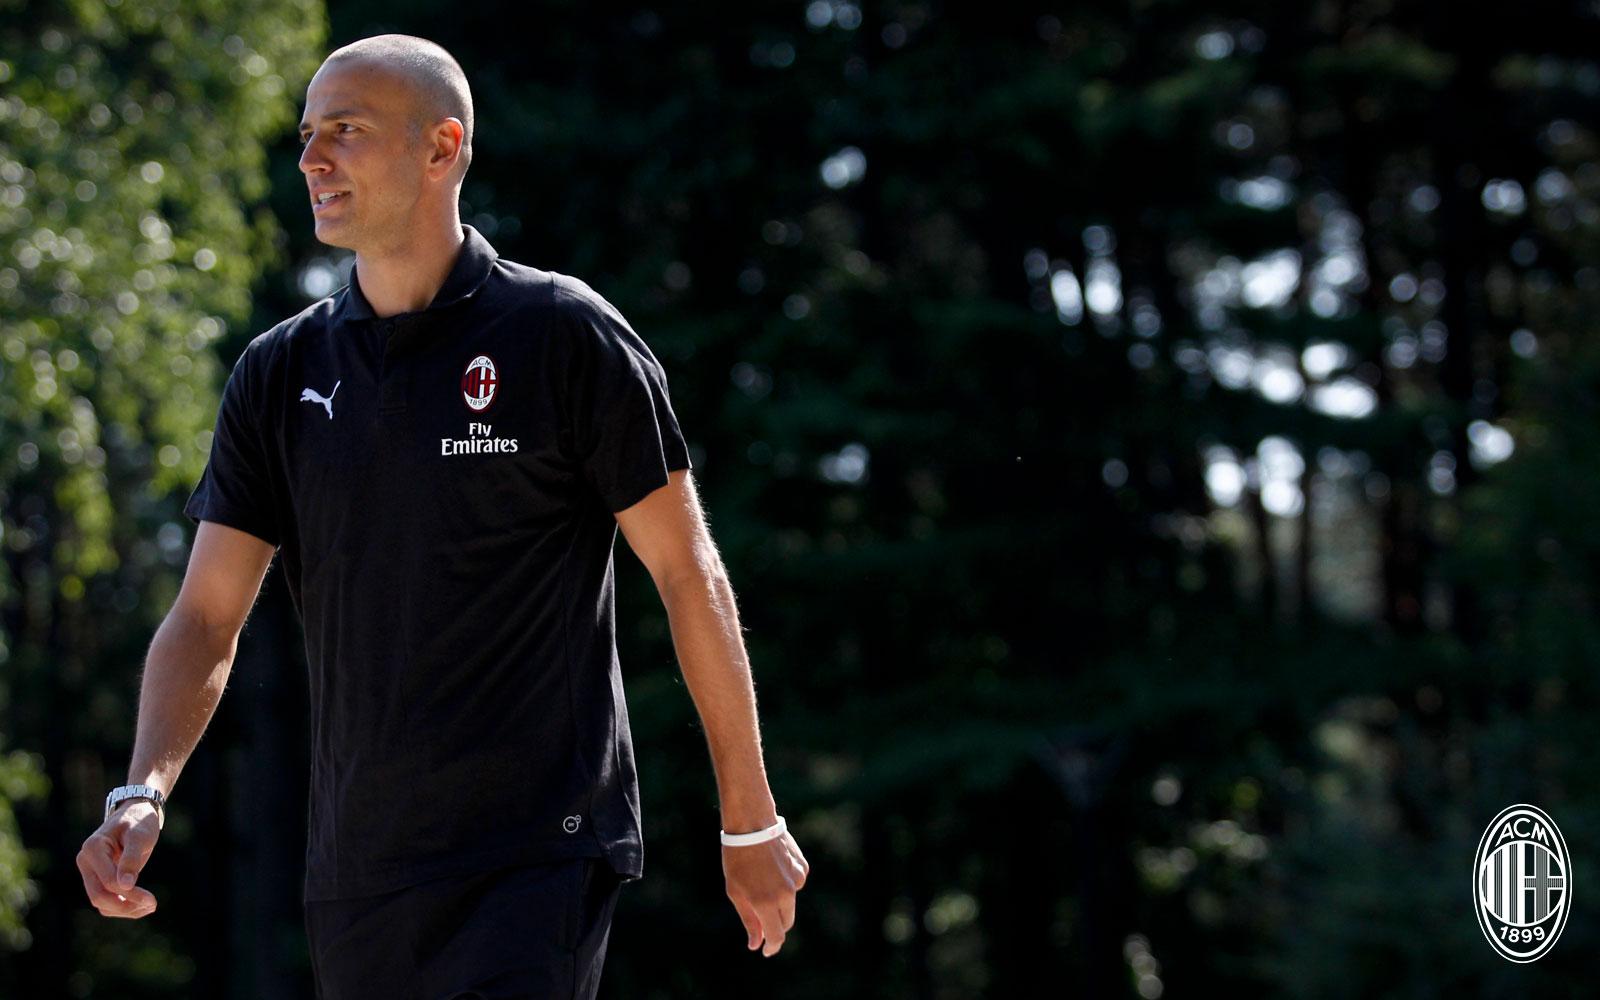 Luca Antonelli before training at Milanello. (@acmilan.com)